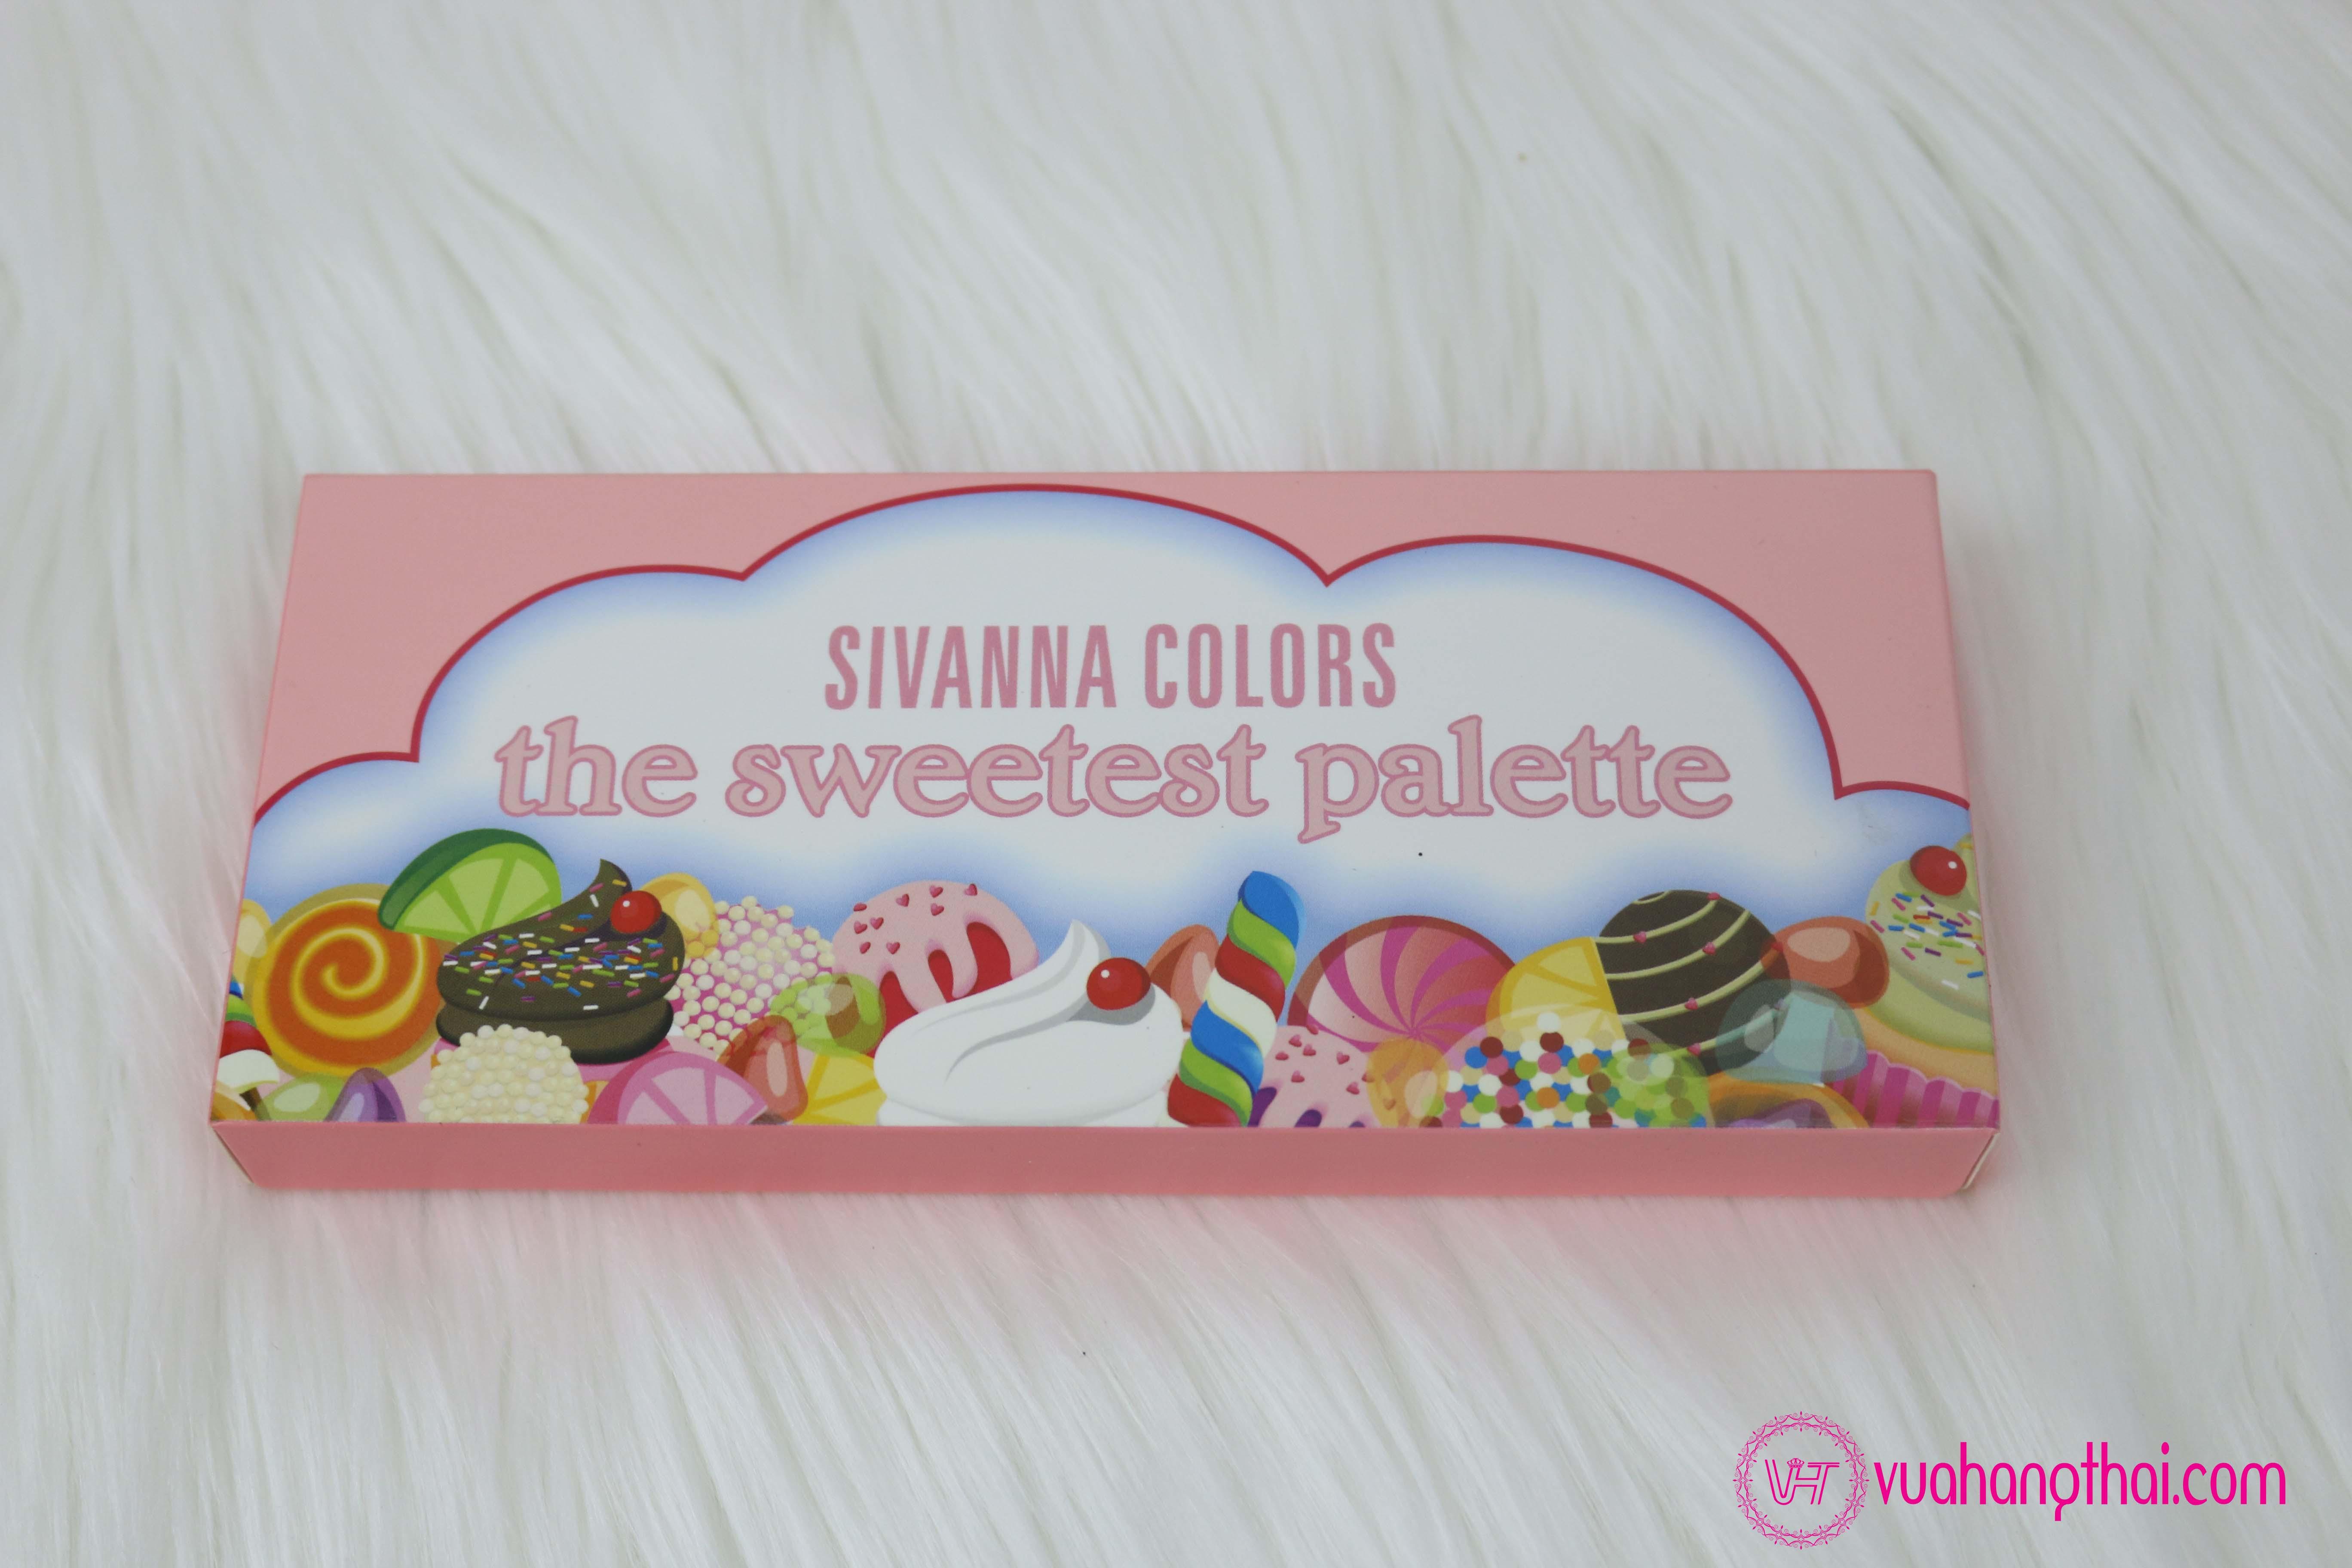 bảng phấn mắt 18 ô Sivanna Palette The Sweetest Palette